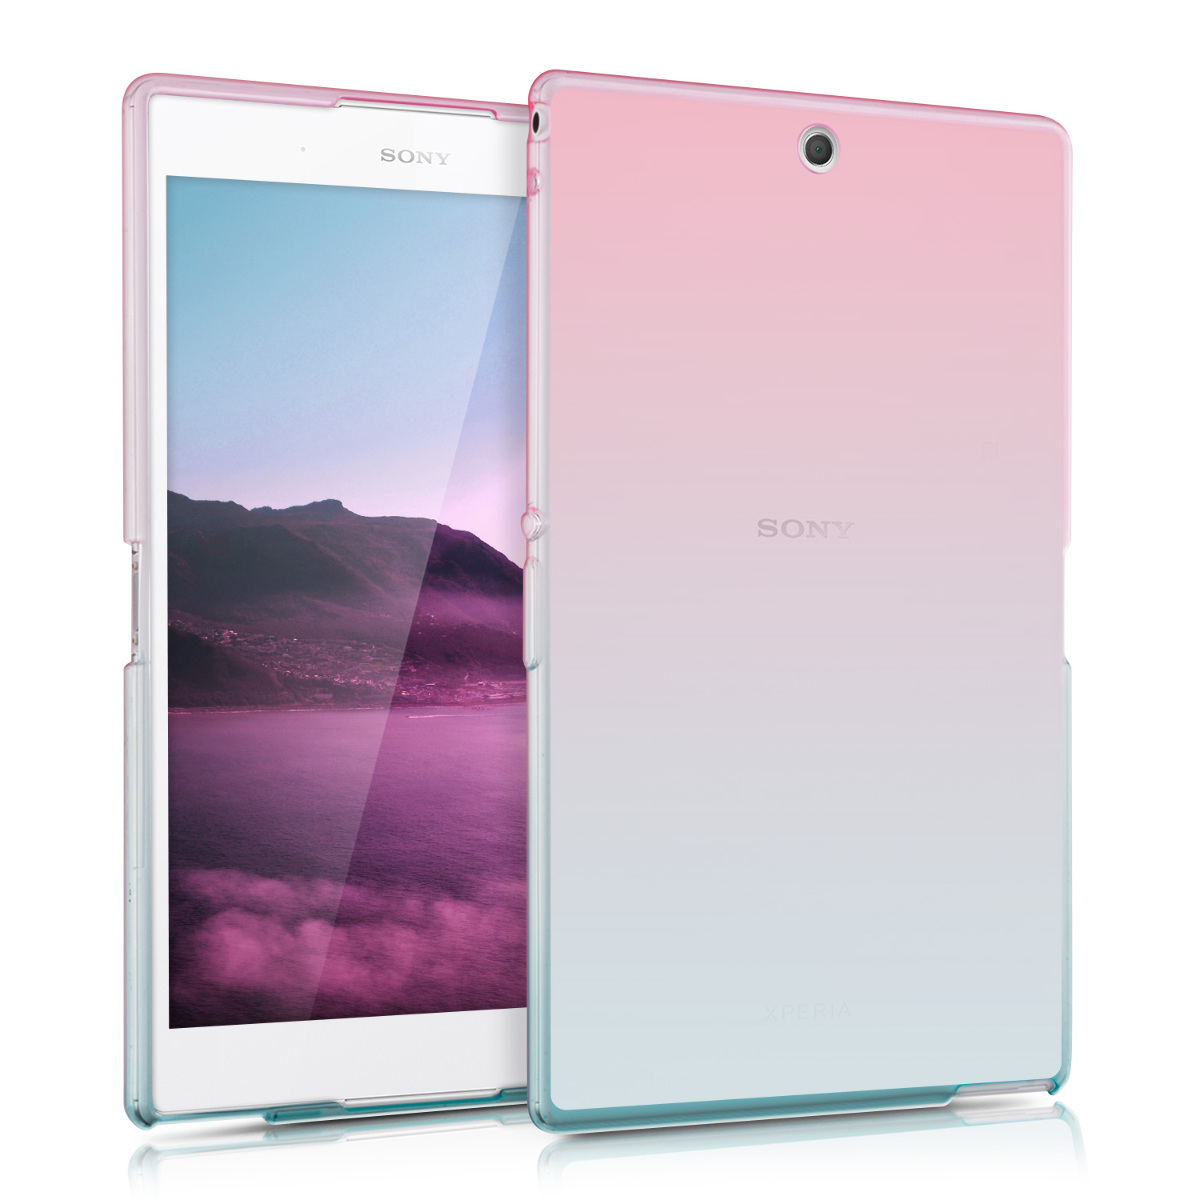 Kvalitní silikonové TPU pouzdro | obal pro Sony Xperia Tablet Z3 Compact - Bicolor tmavě růžová / modré / průhledné / průhledné